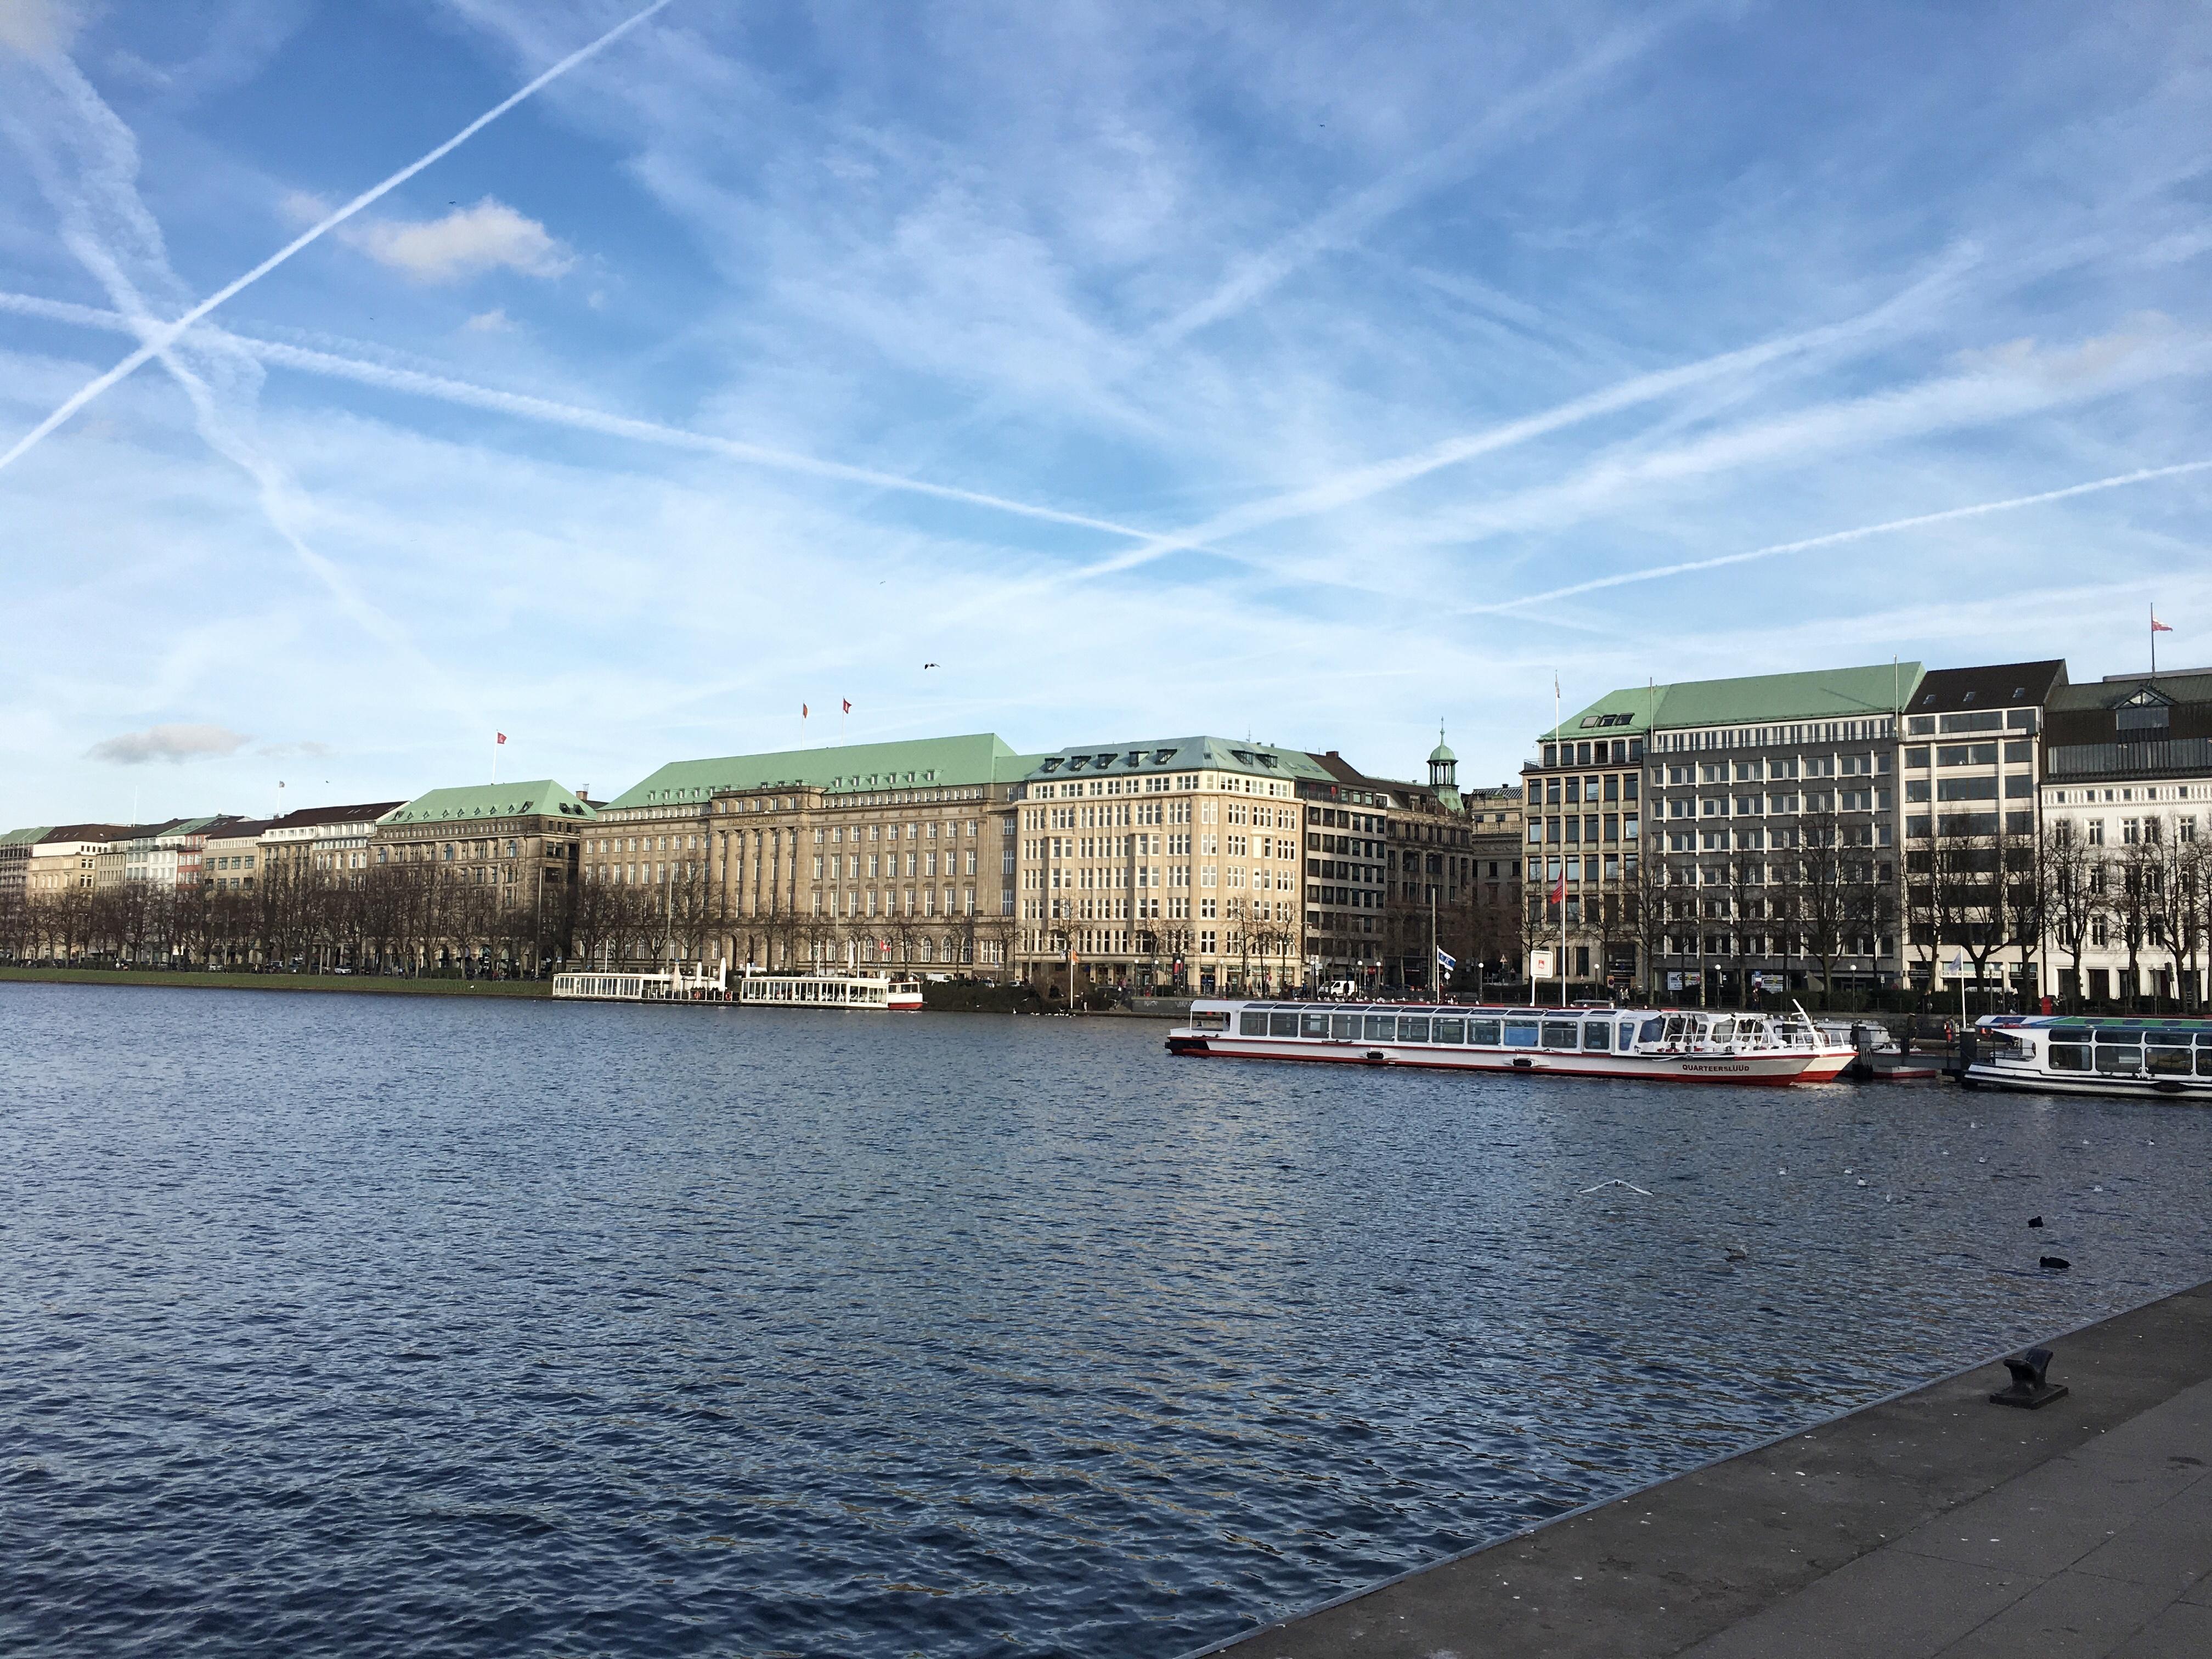 Veduta sul Lago Alster, Amburgo